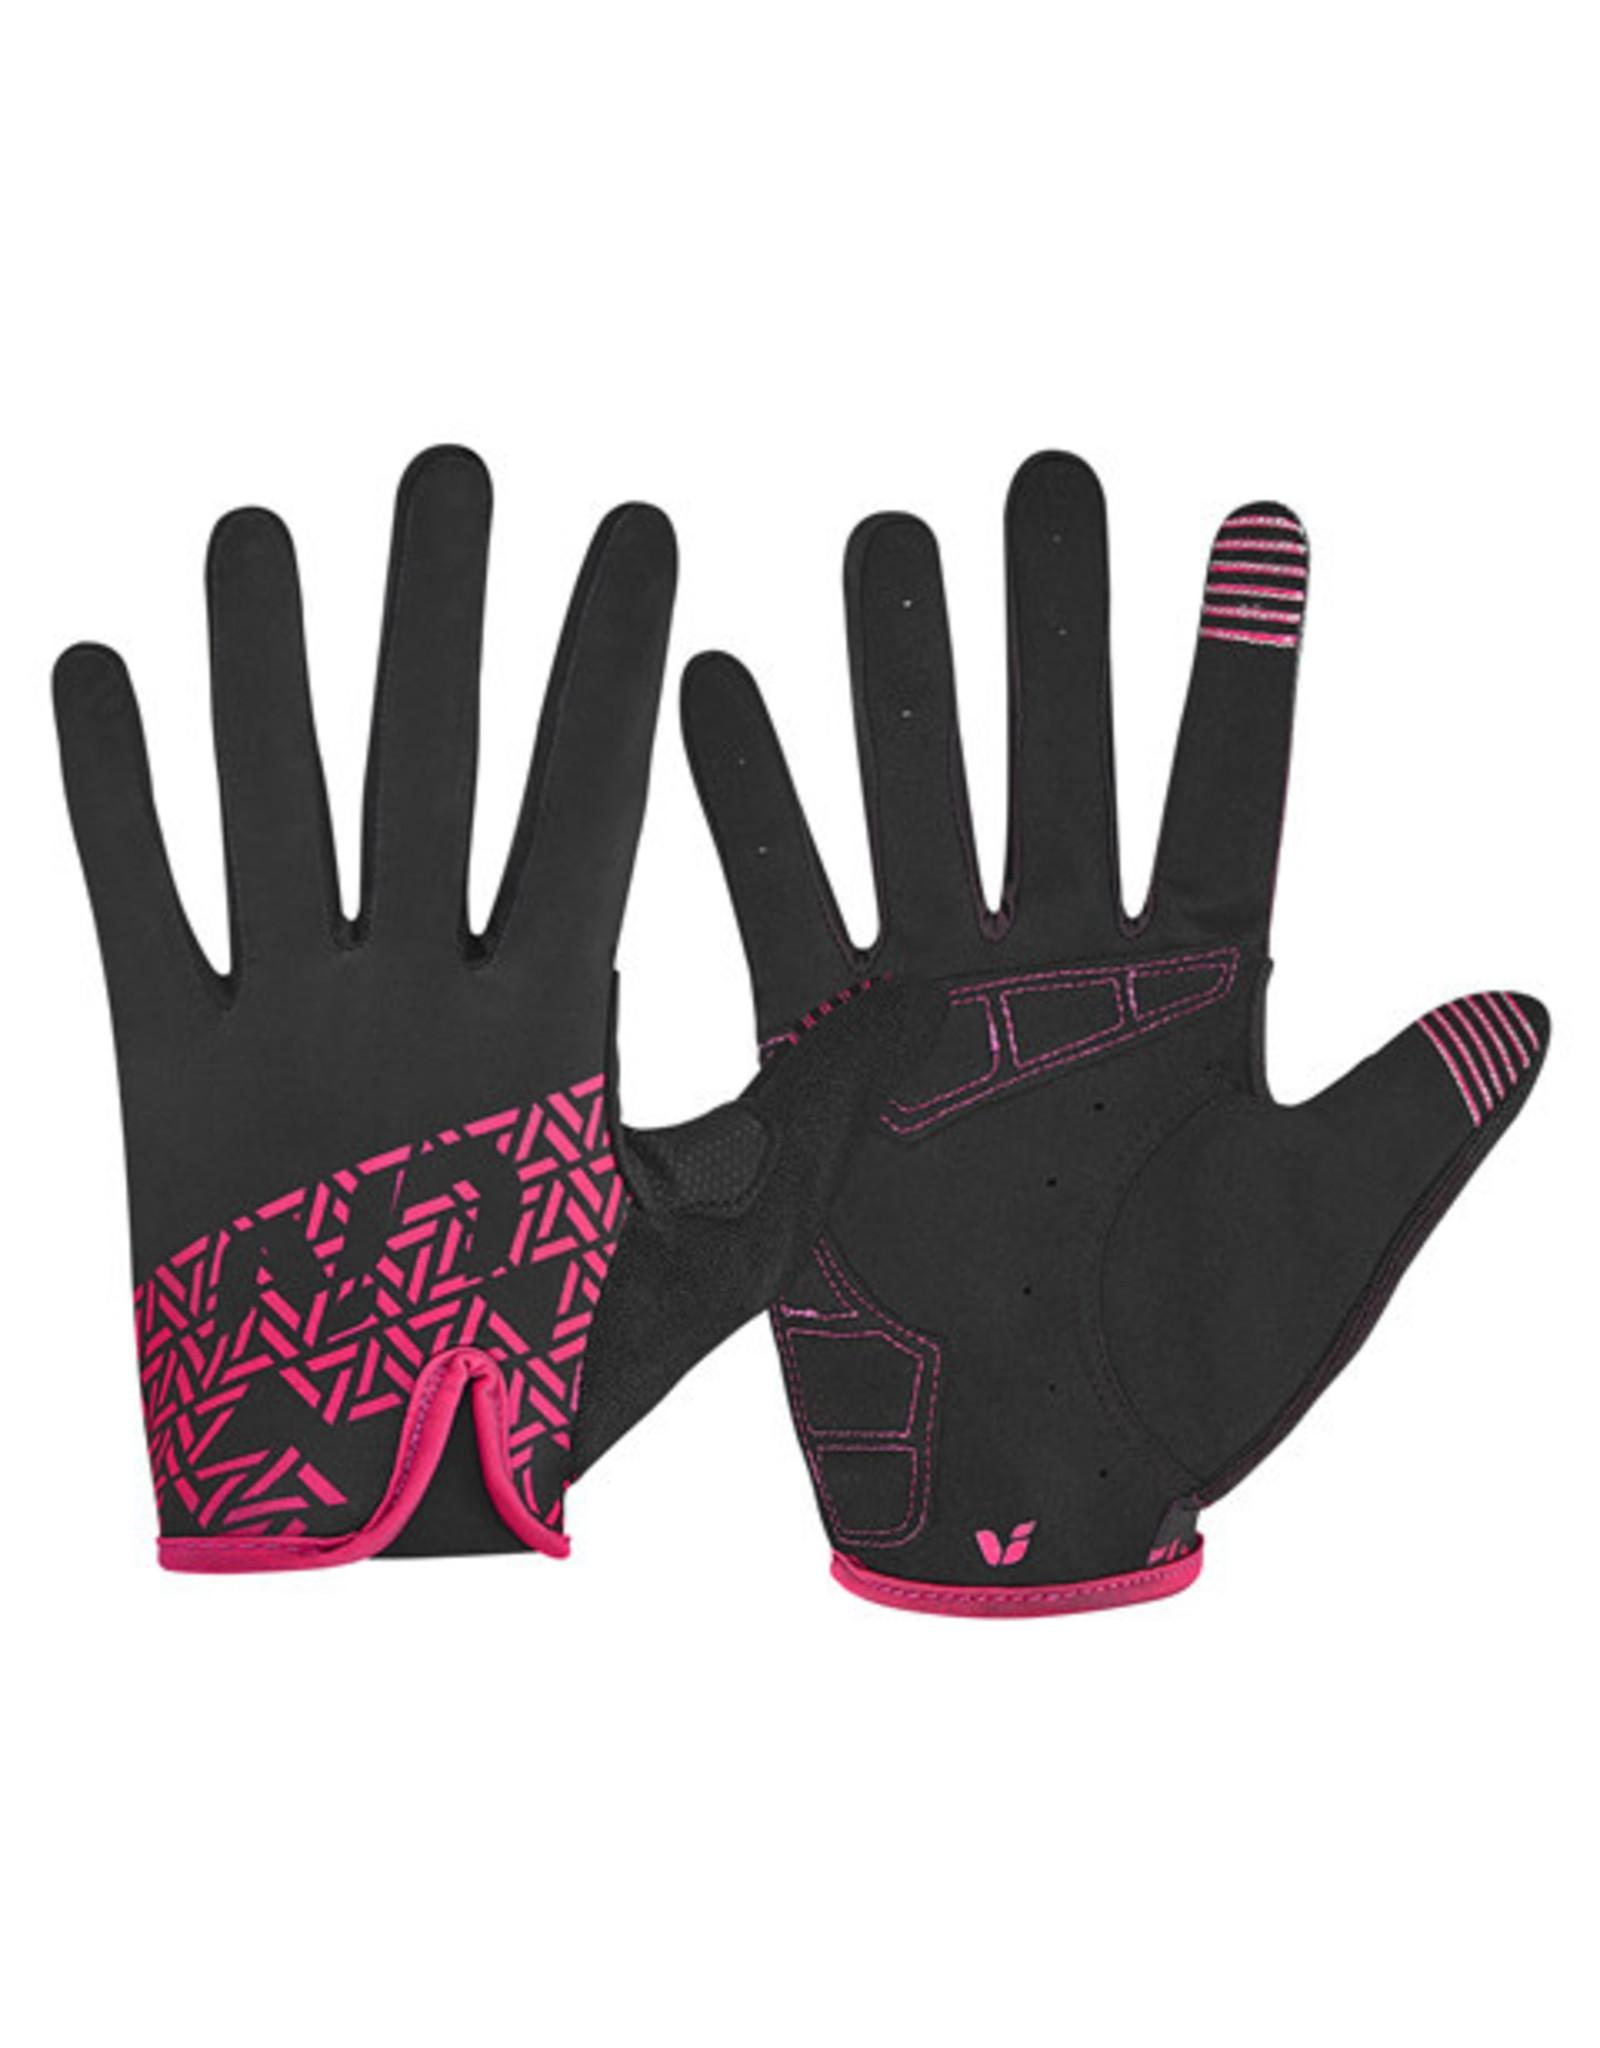 LIV Liv Energize Long Finger Glove Black/Red